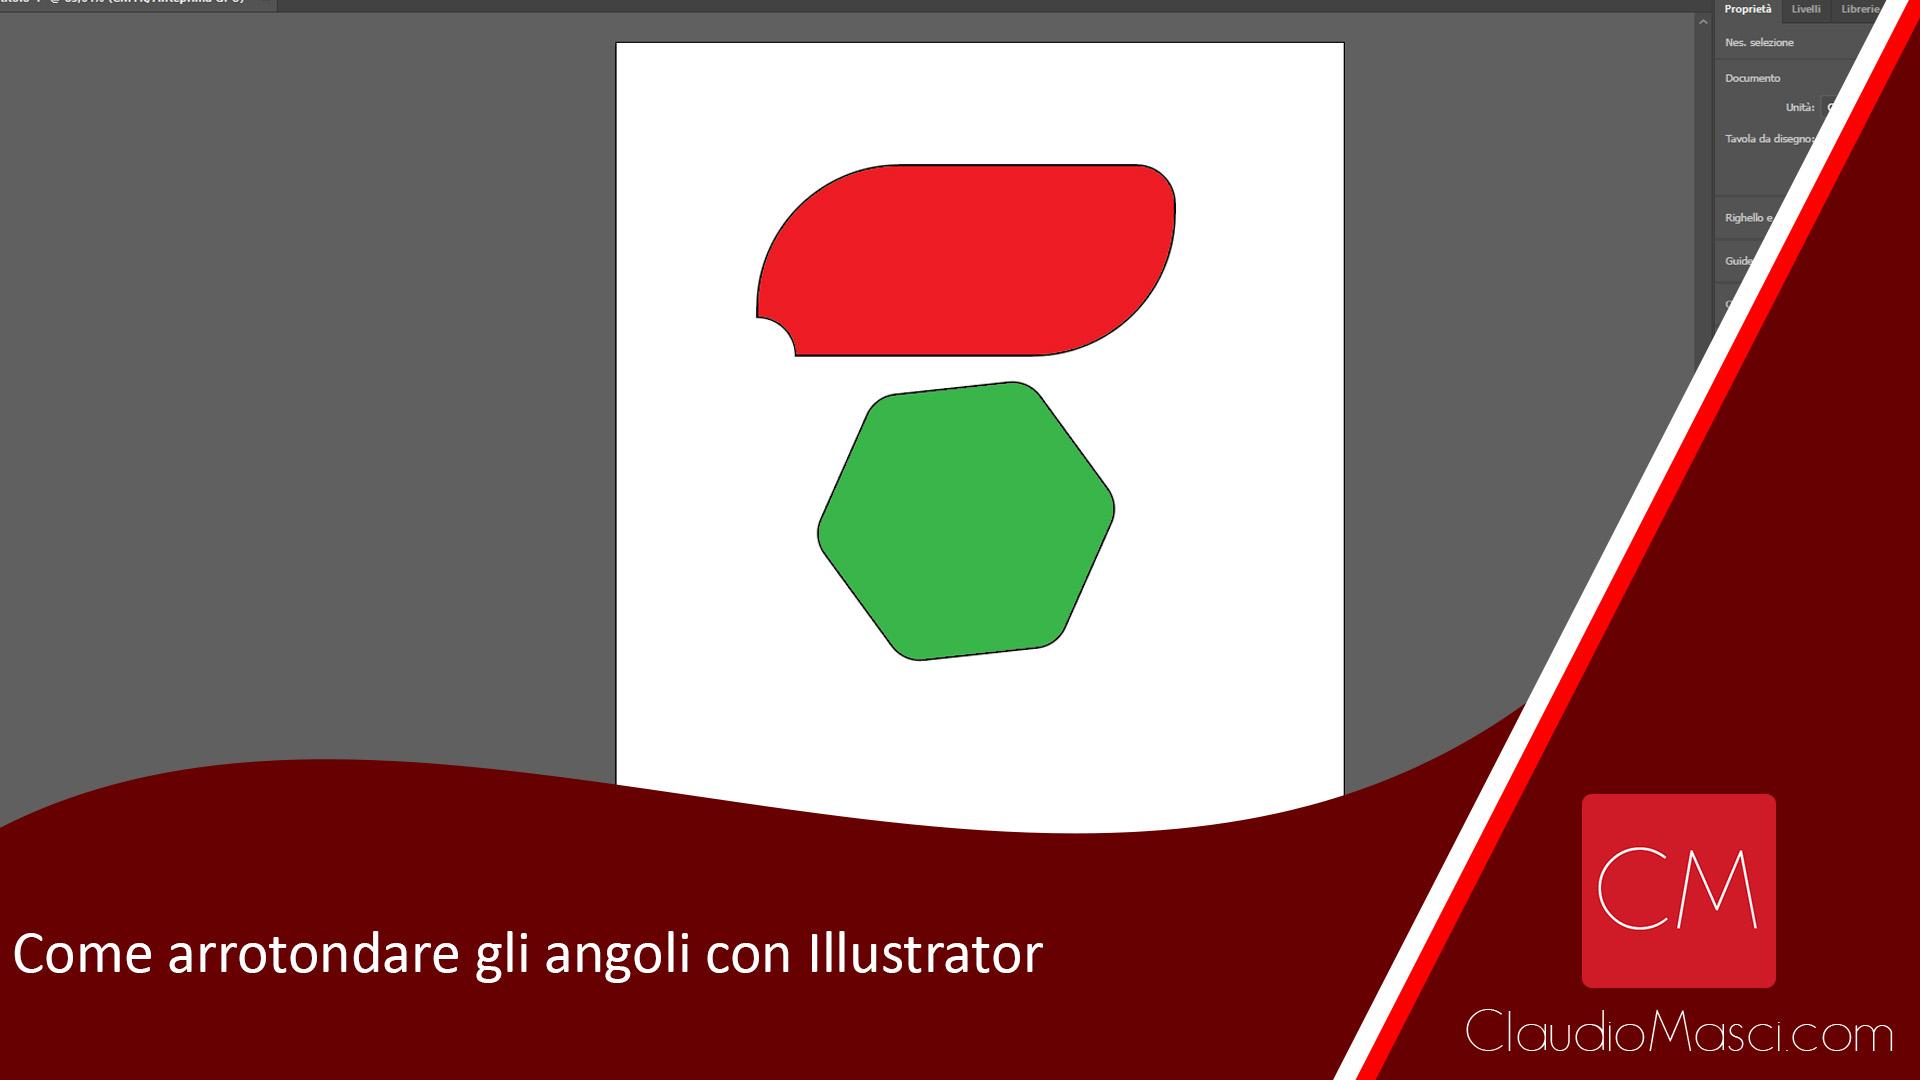 Come arrotondare gli angoli con Illustrator